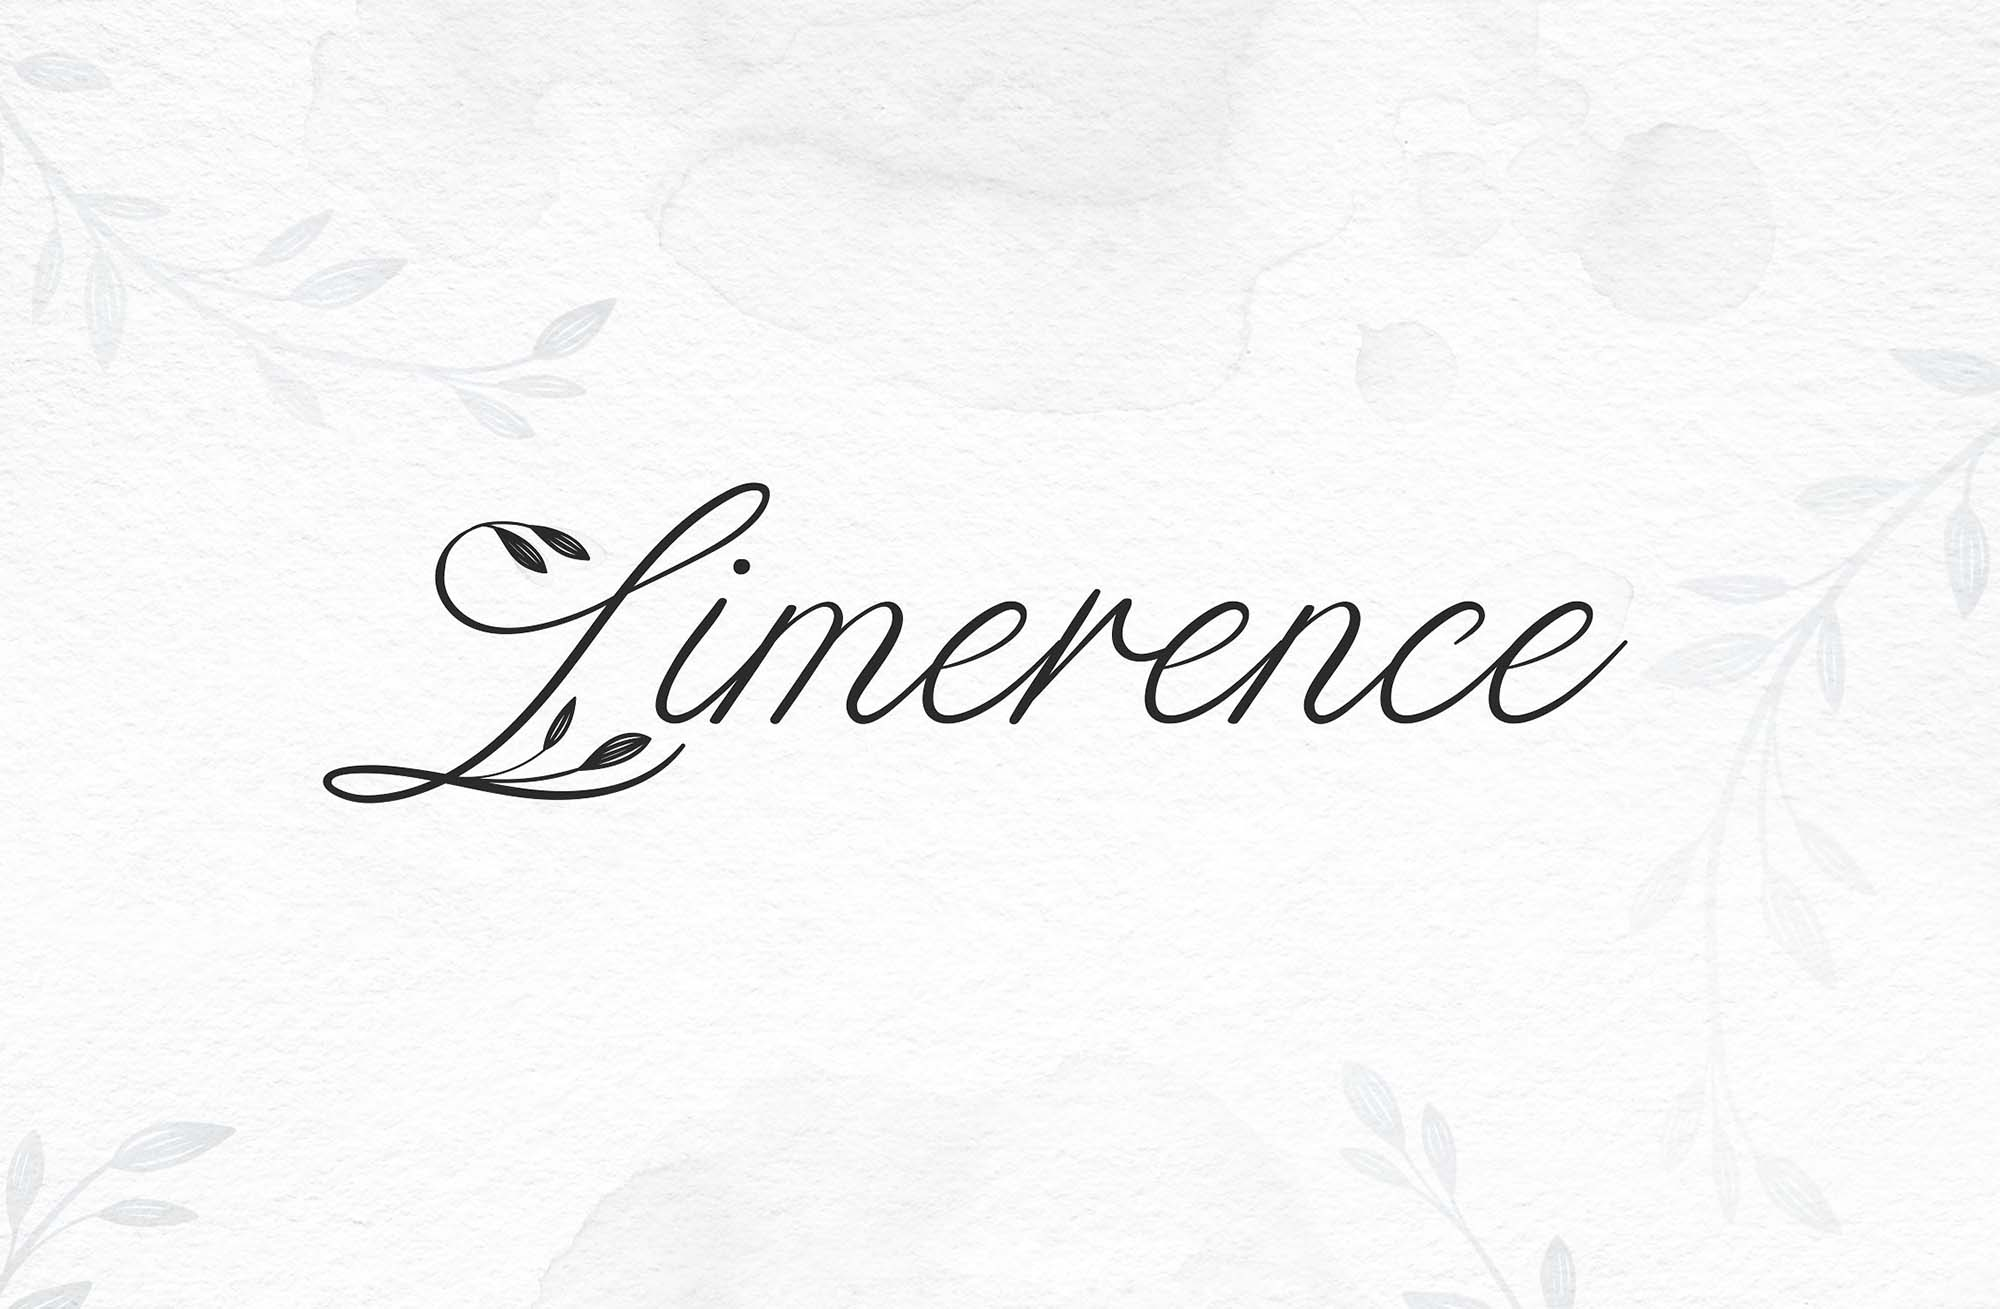 Limerence Script Font